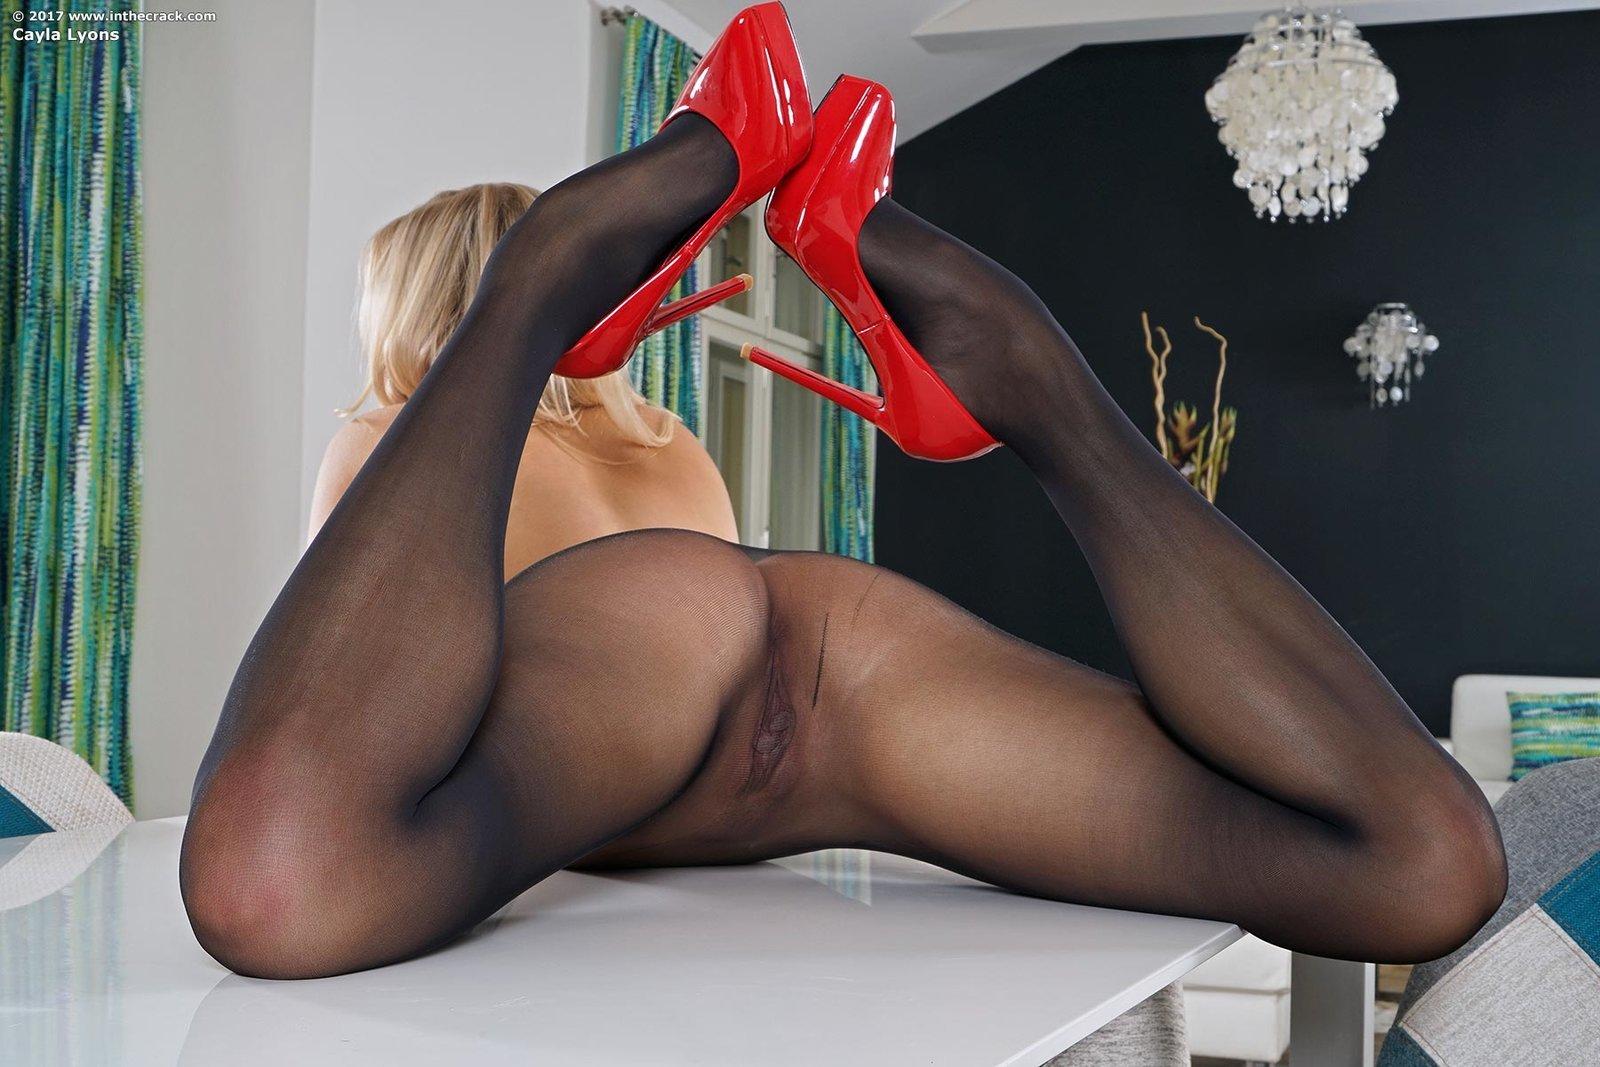 Симпатичная девушка в туфлях и колготках на голое тело смотреть эротику